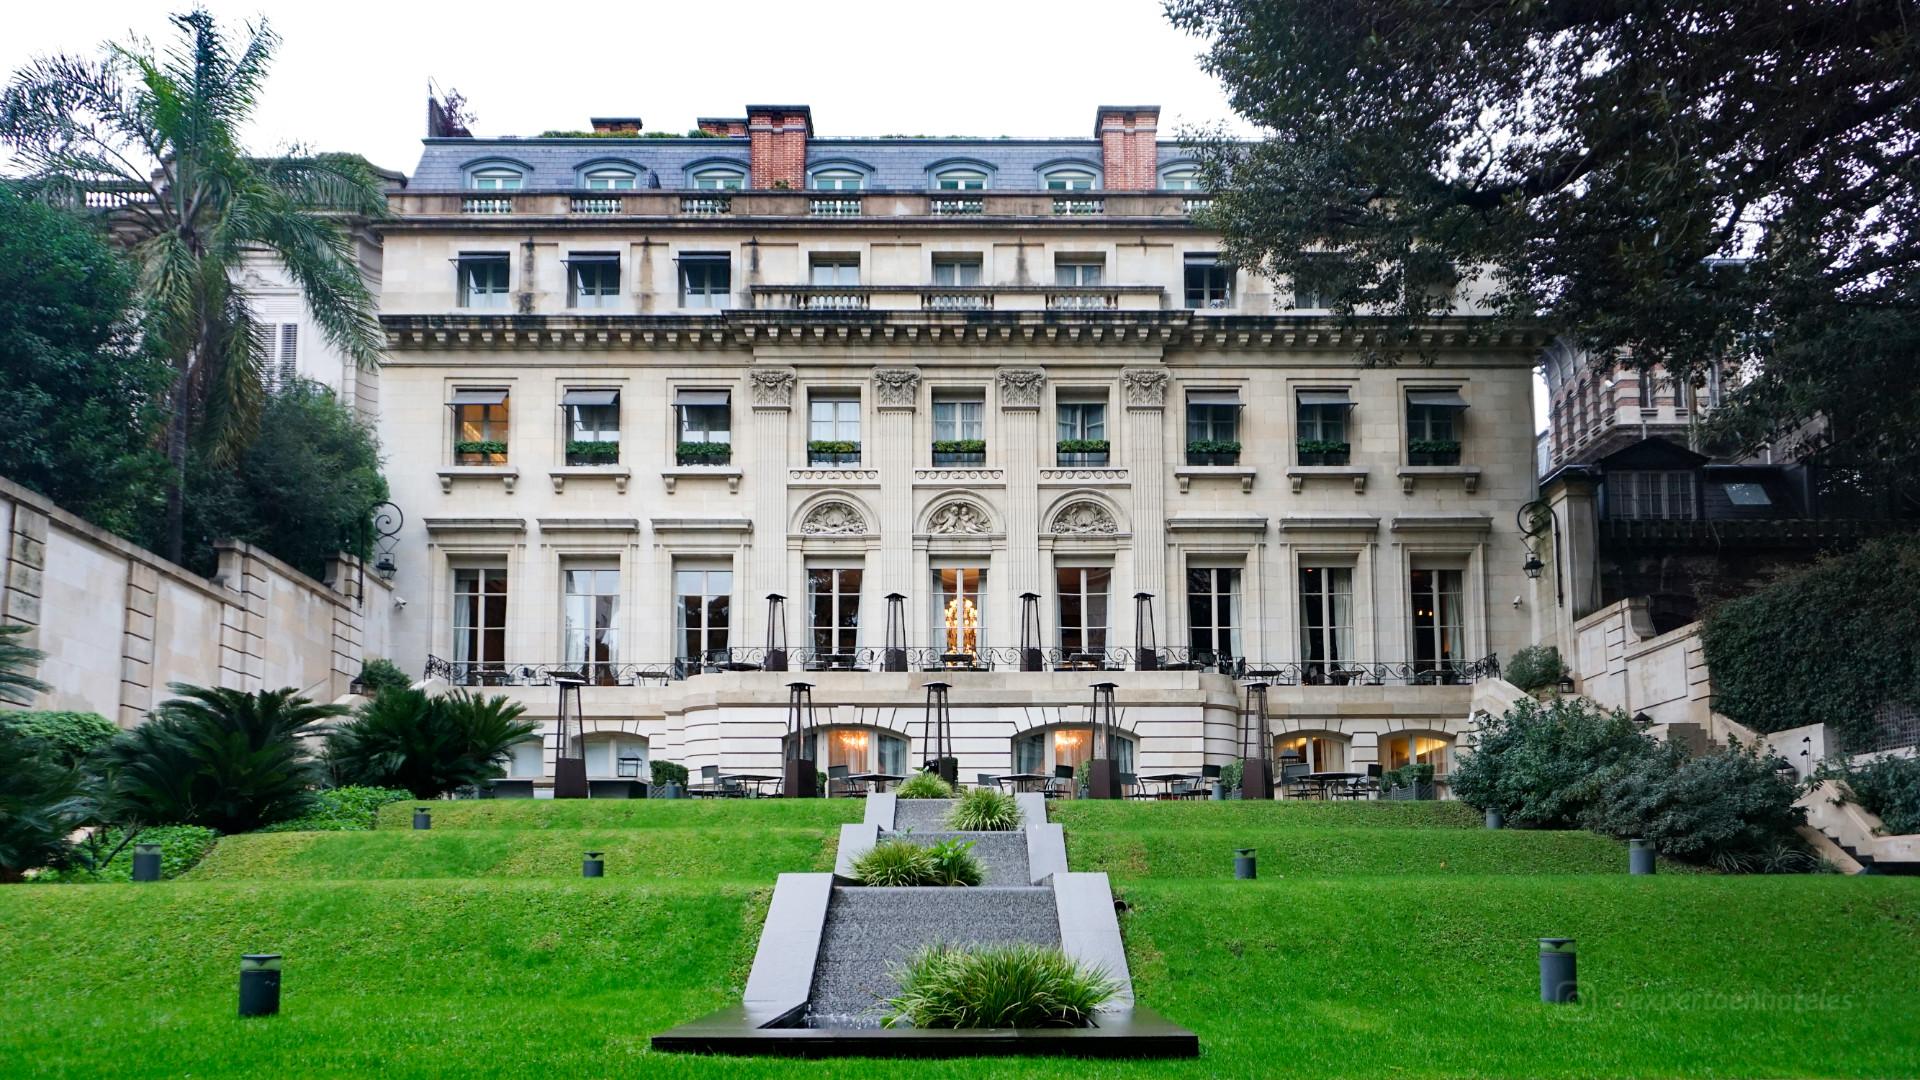 Park Hyatt Palacio Duhau